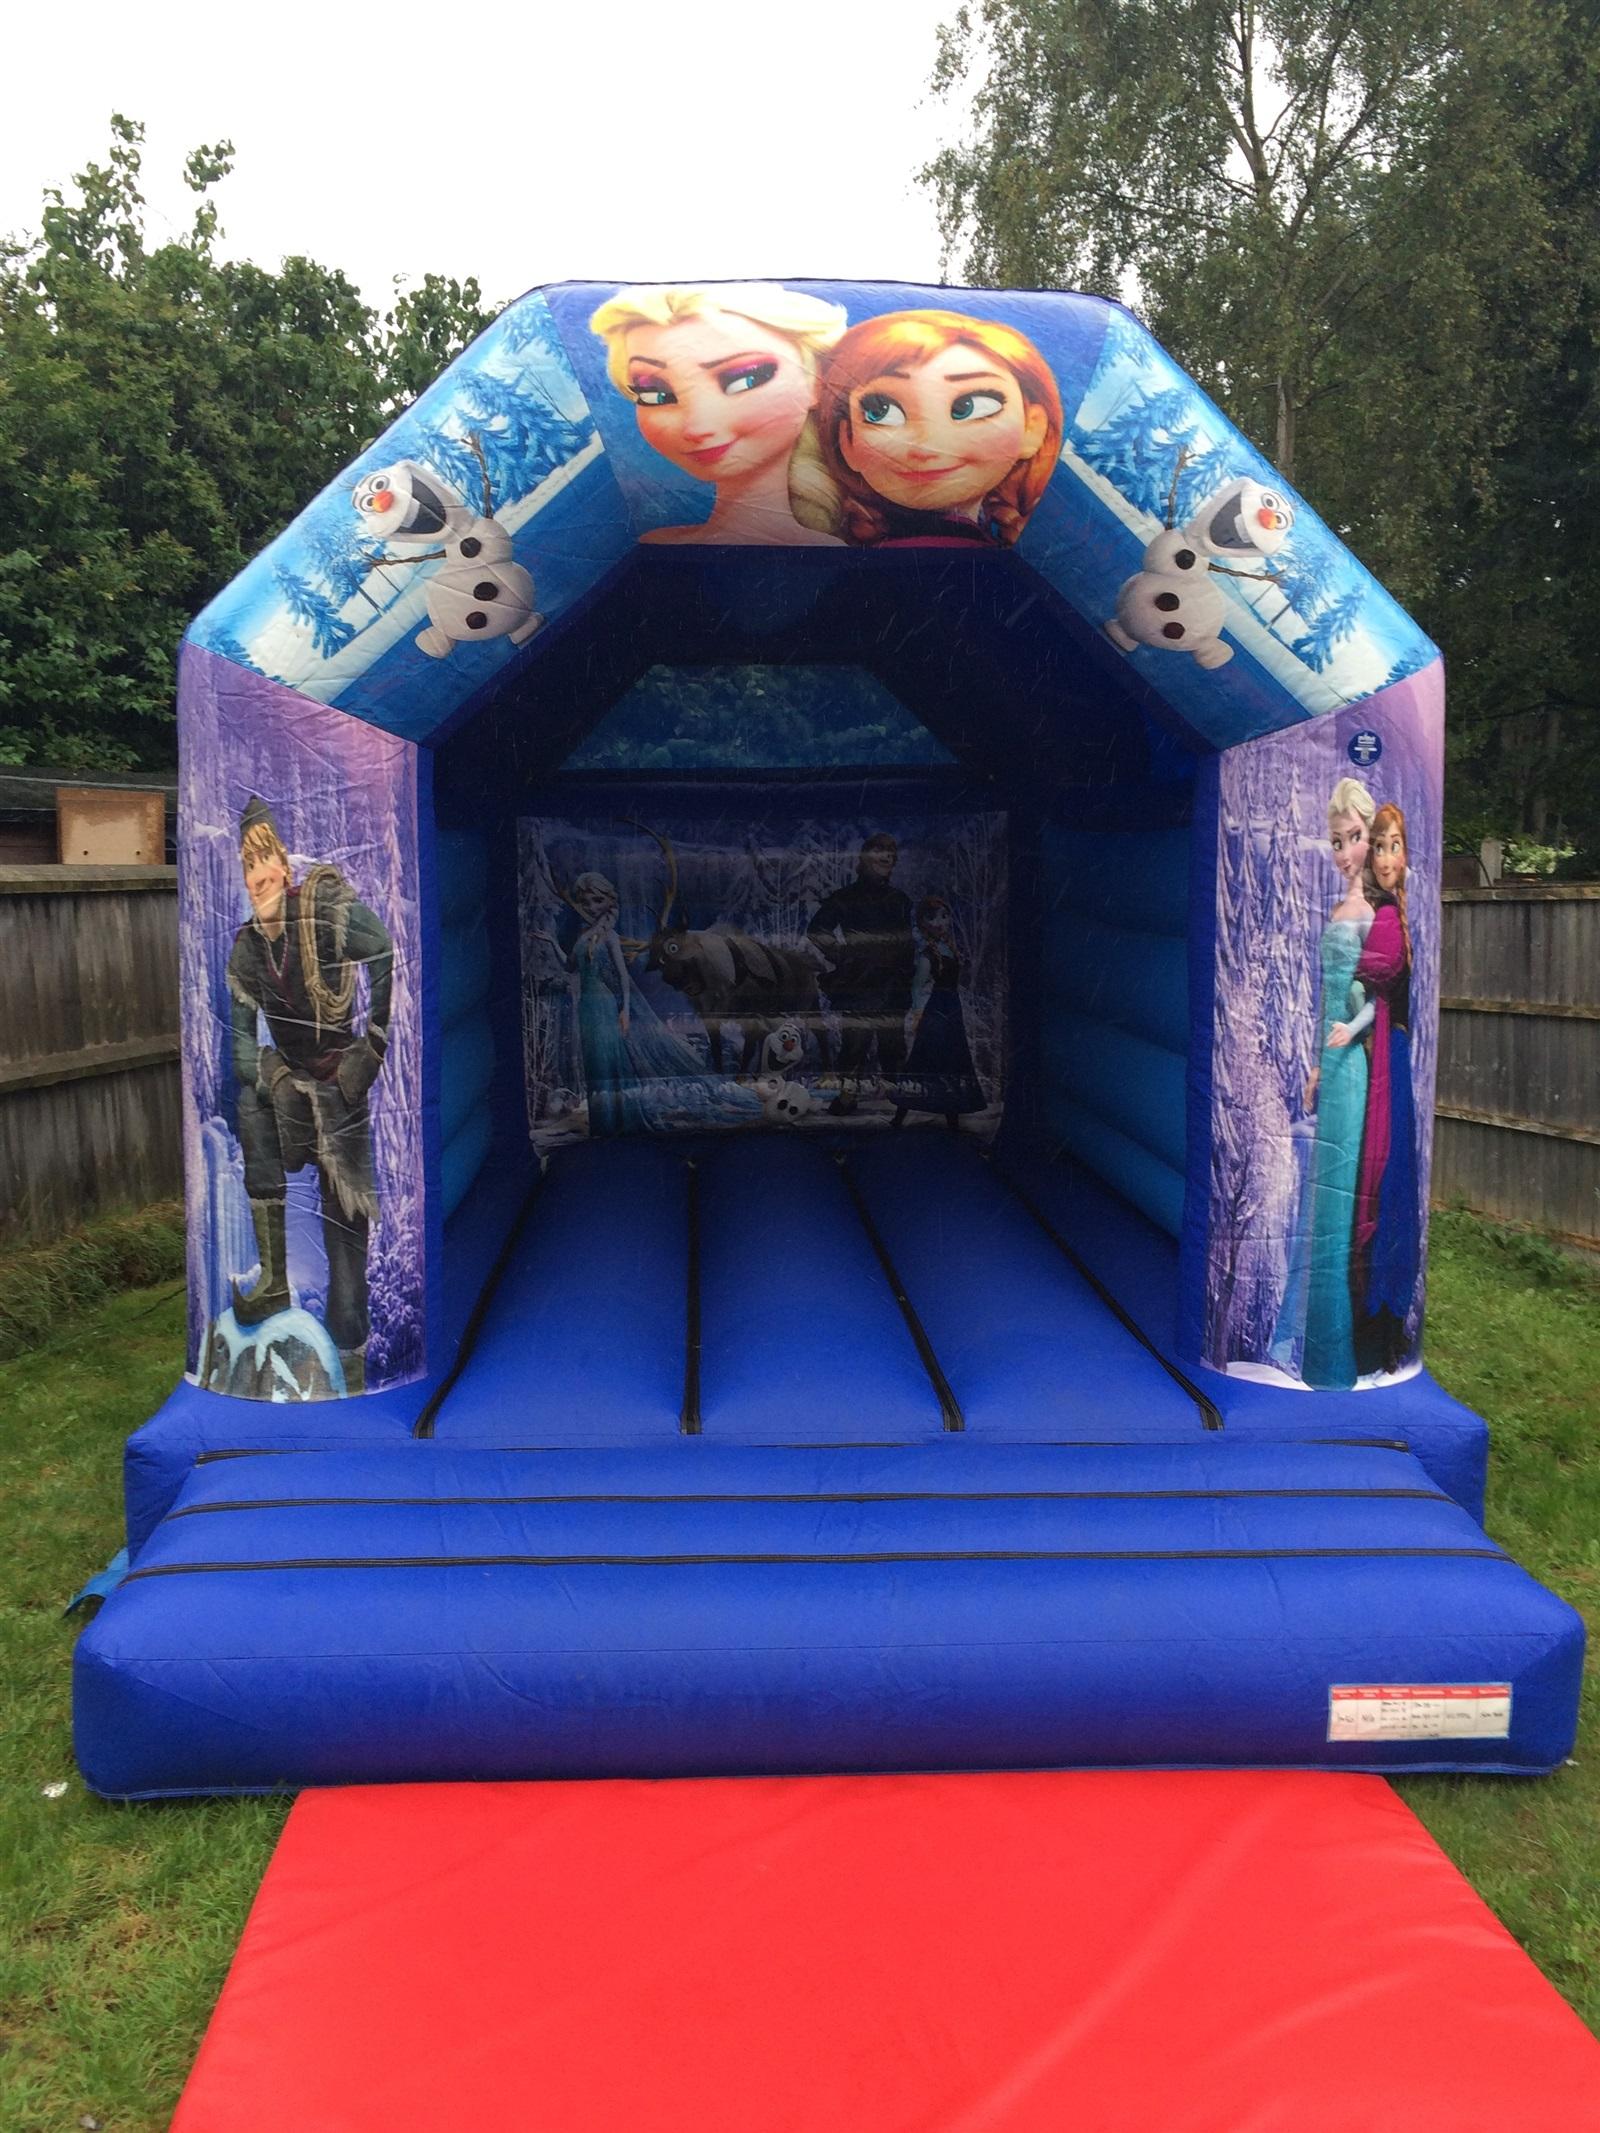 Bouncy Castles Girls Bouncy Castles In West Midlands